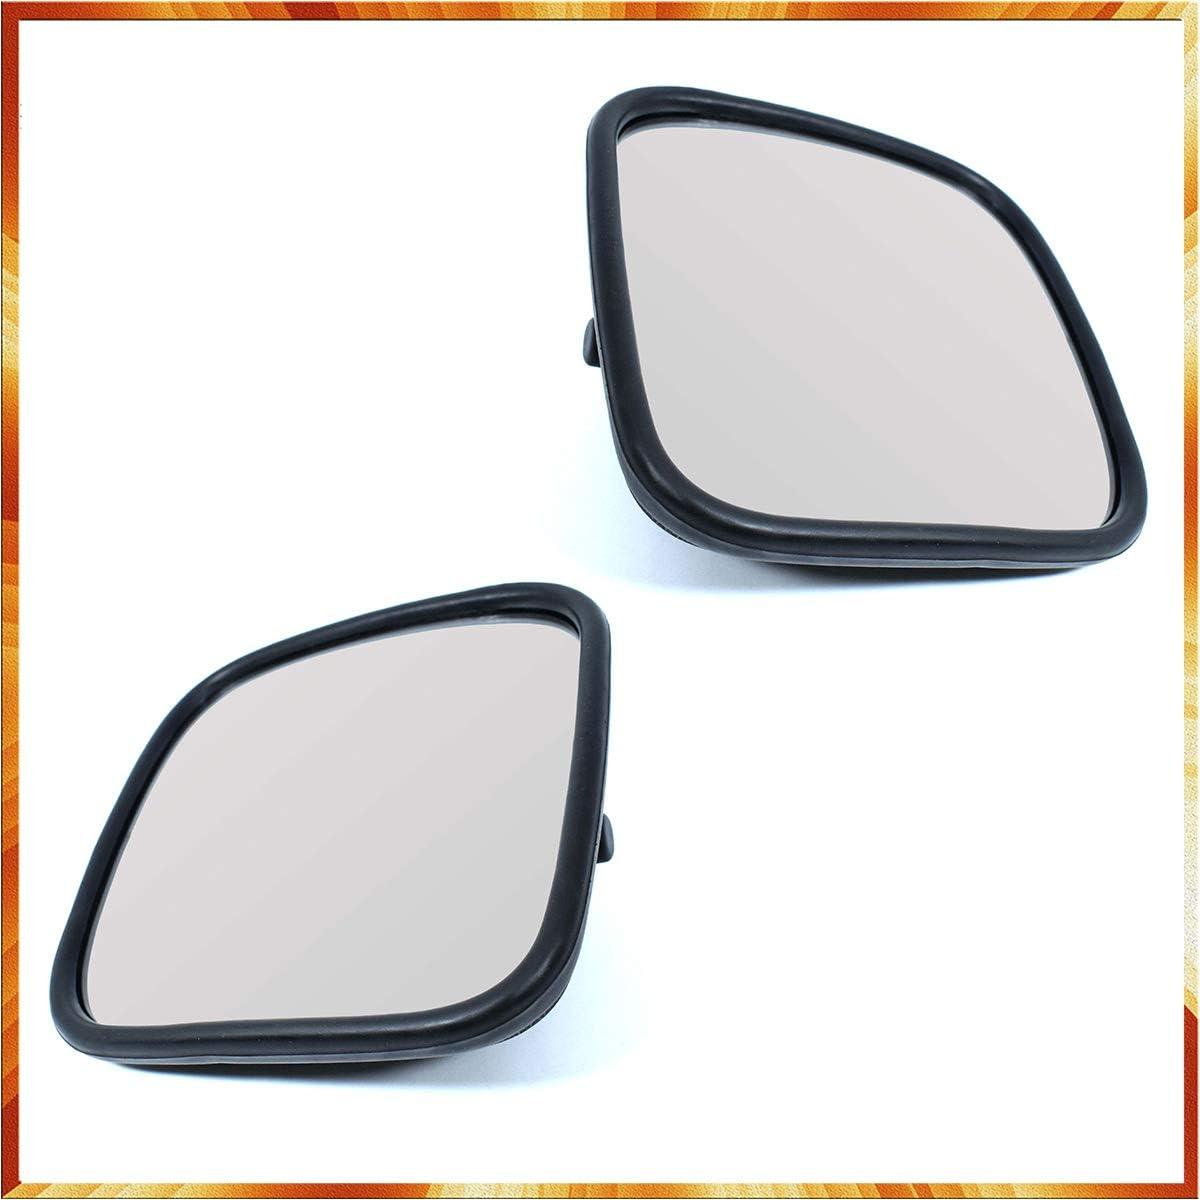 2x LKW Spiegel universal 18 x 18 cm Seitenspiegel E-Pr/üf